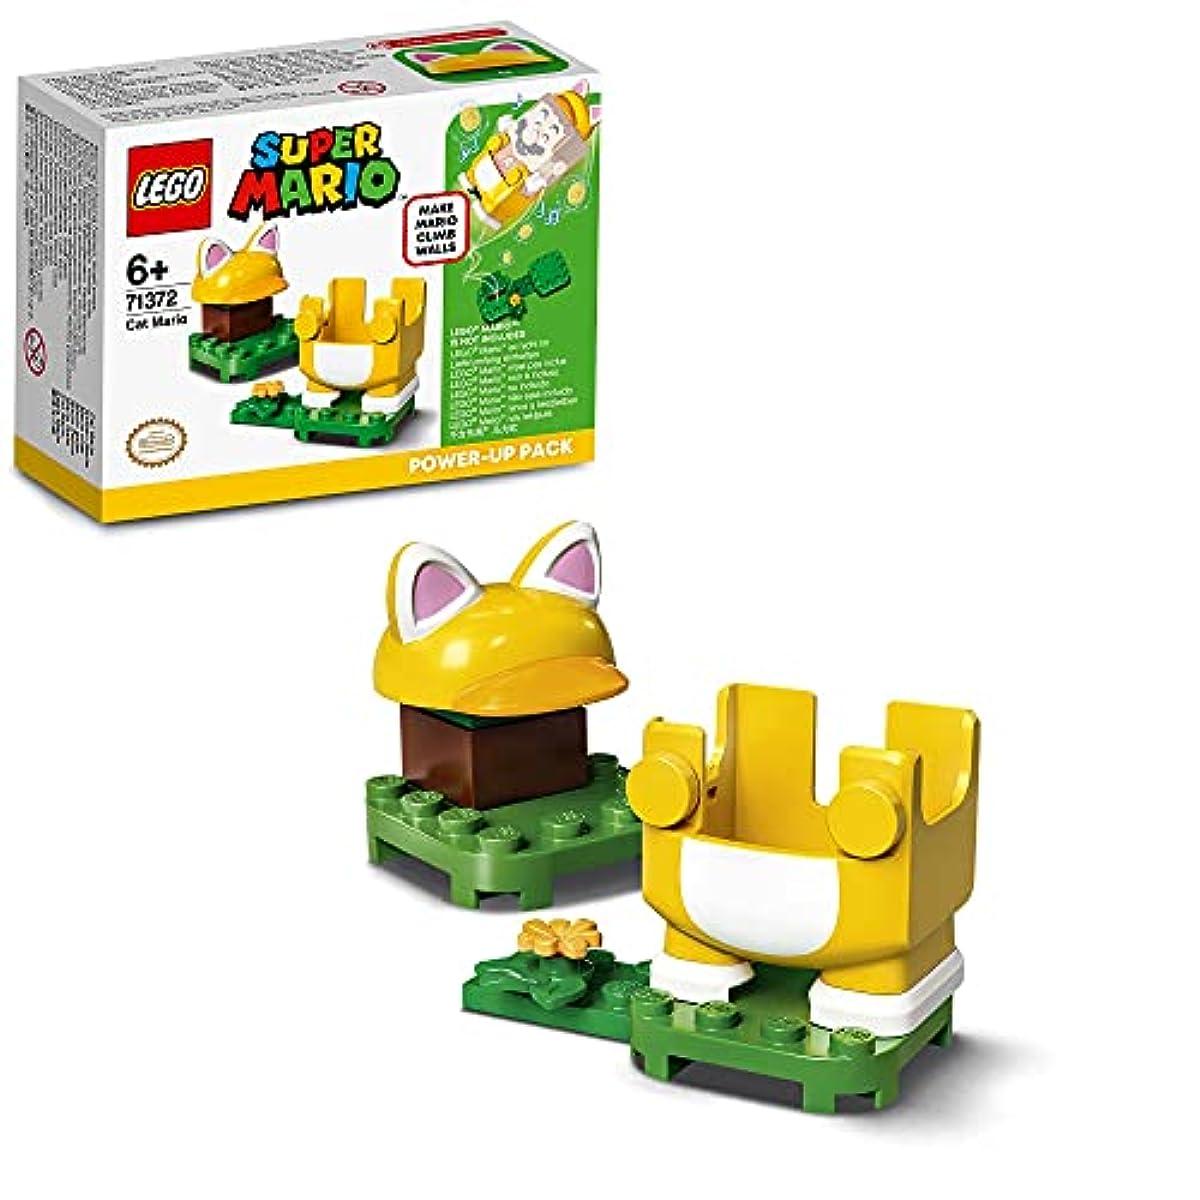 [해외] 레고(LEGO) 슈퍼마리오 고양이마리오 파워업팩 71372